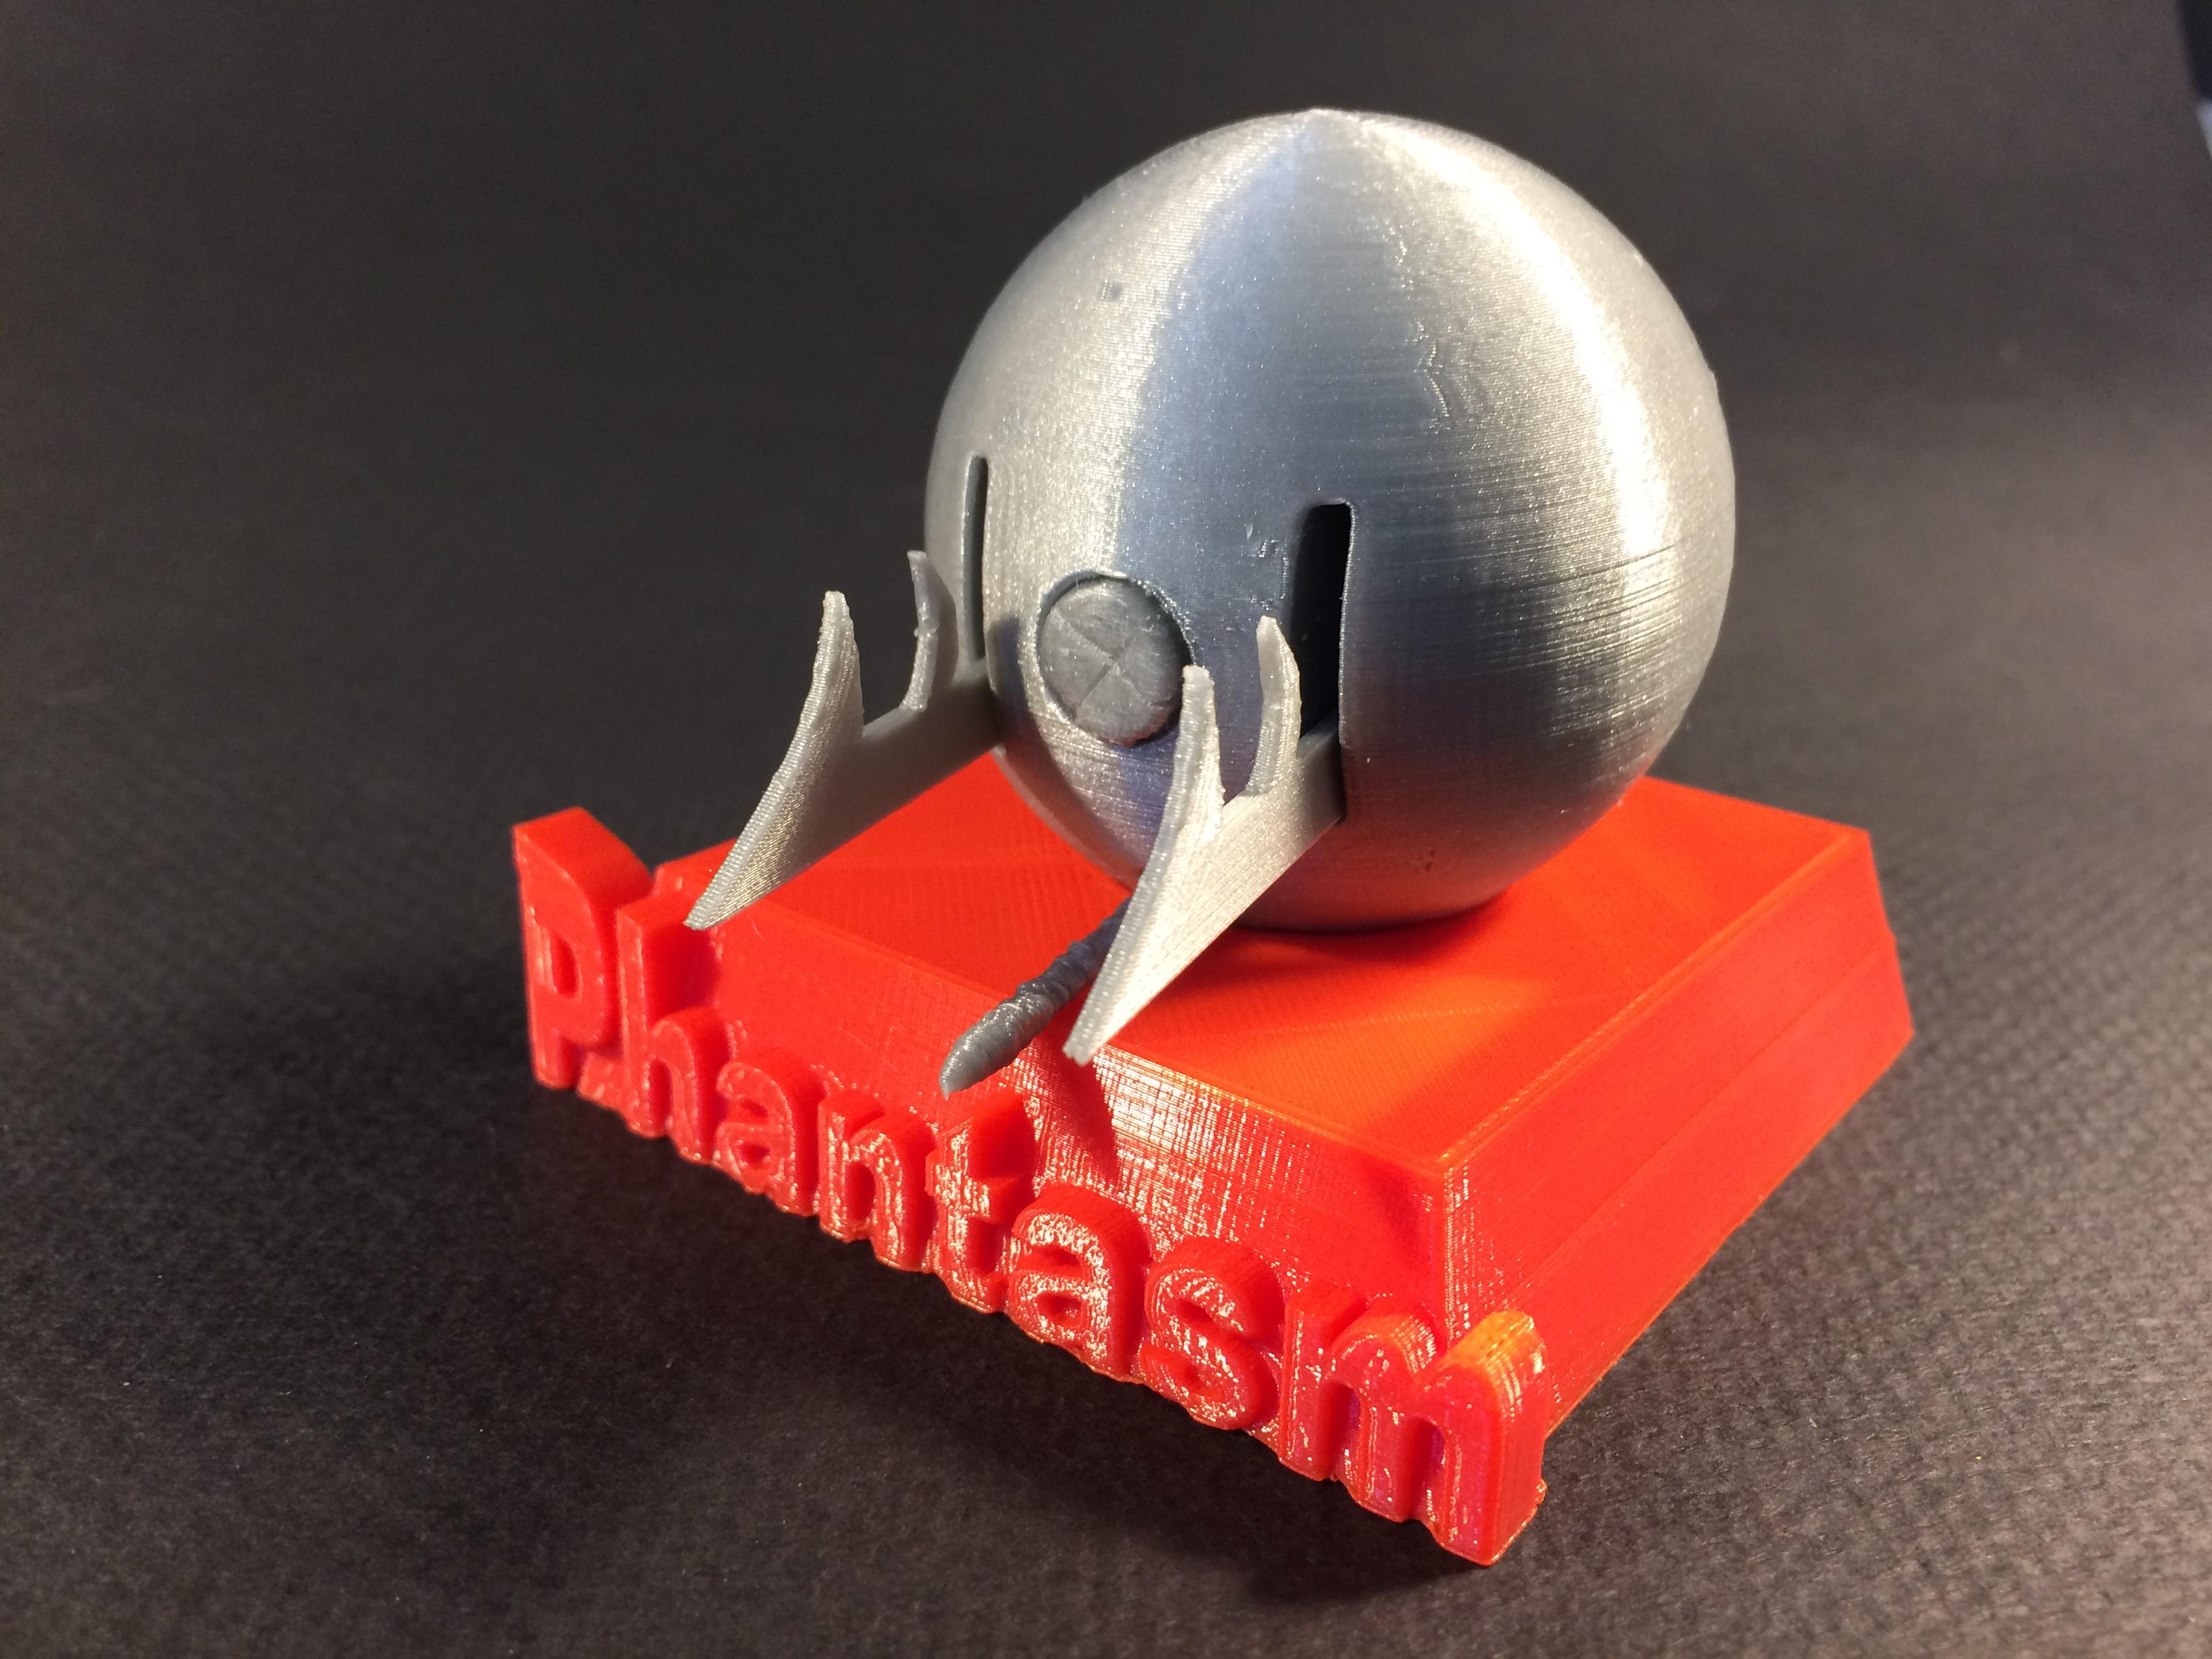 The Killer Sphere from The Film 'Phantasm'